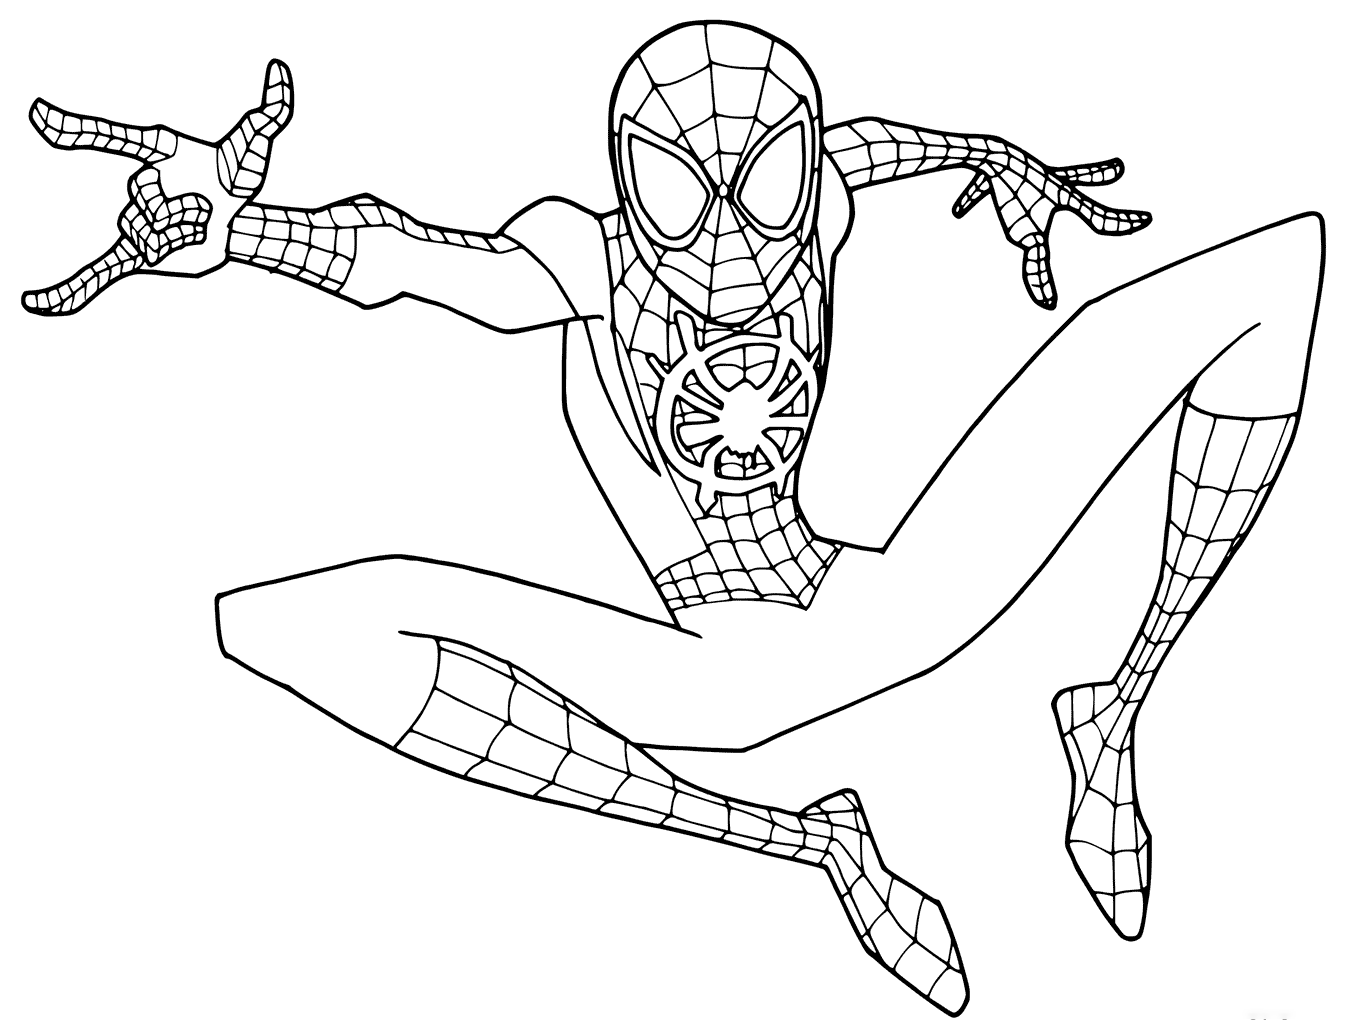 Tranh tô màu hoạt hình người nhện